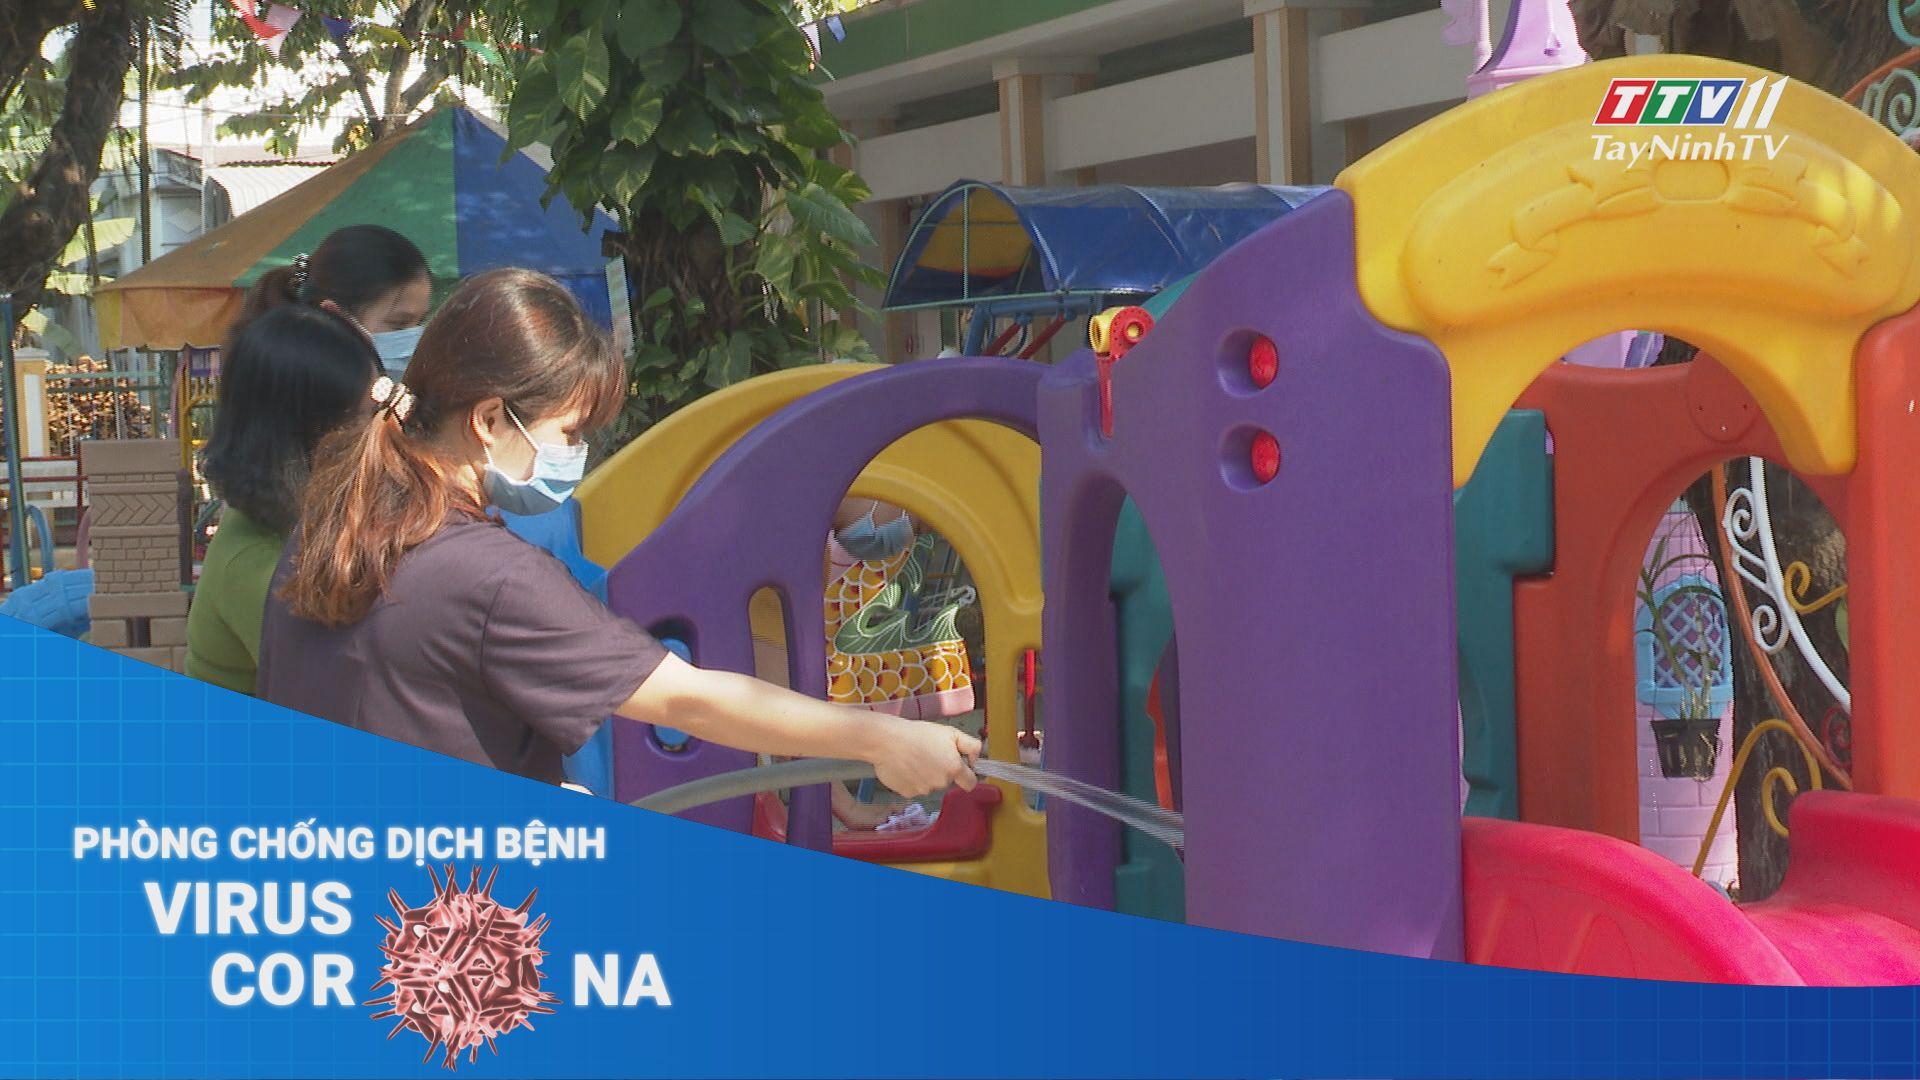 Đảm bảo công tác phòng dịch covid - 19 tại các trường học trên địa bàn tỉnh | THÔNG TIN DỊCH CÚM COVID - 19 | TayNinhTV